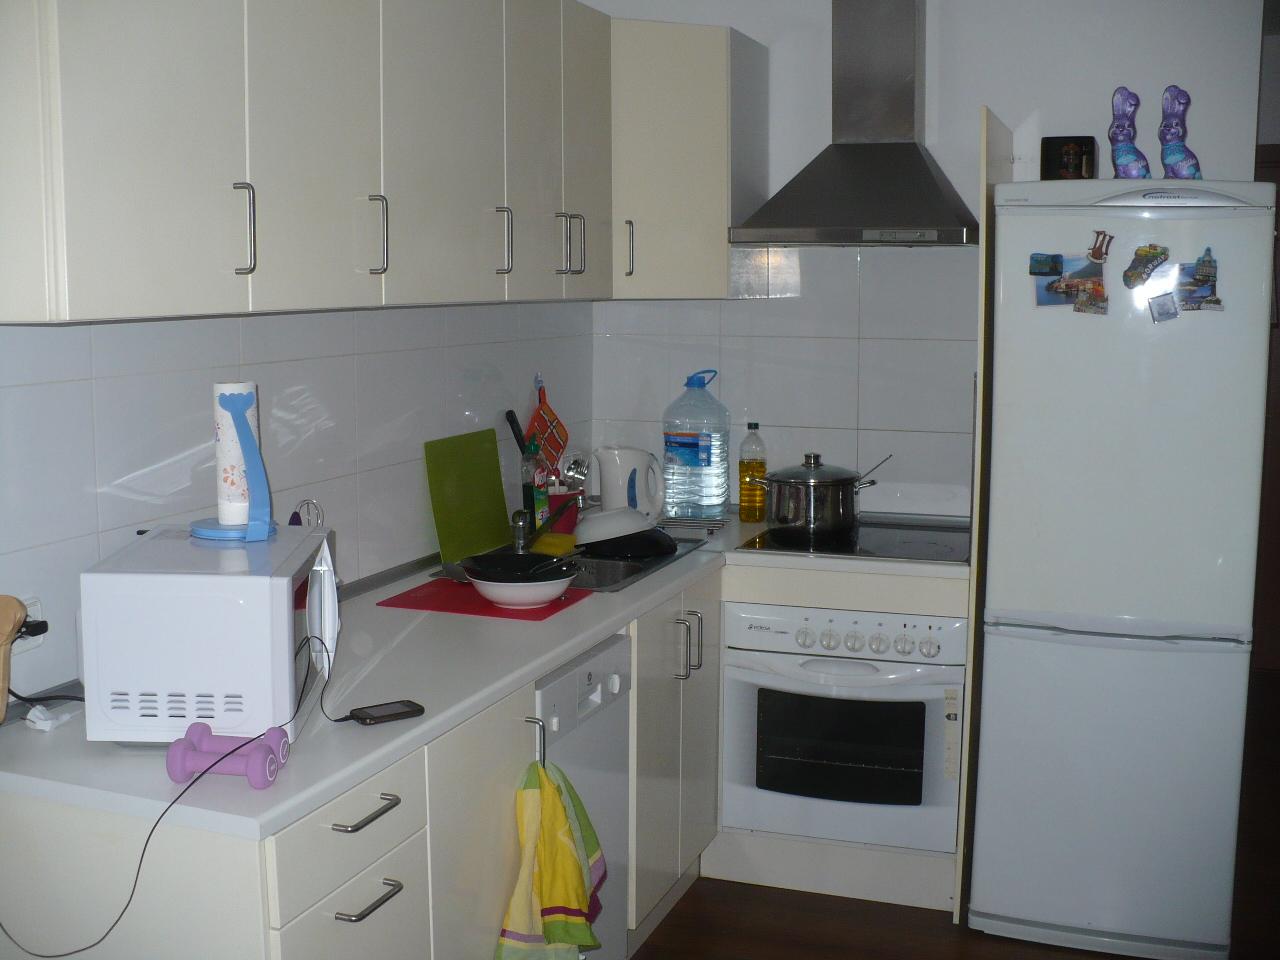 Kühlschrank Untergestell : Kleine küche mit kühlschrank ikea küche untergestell abstand